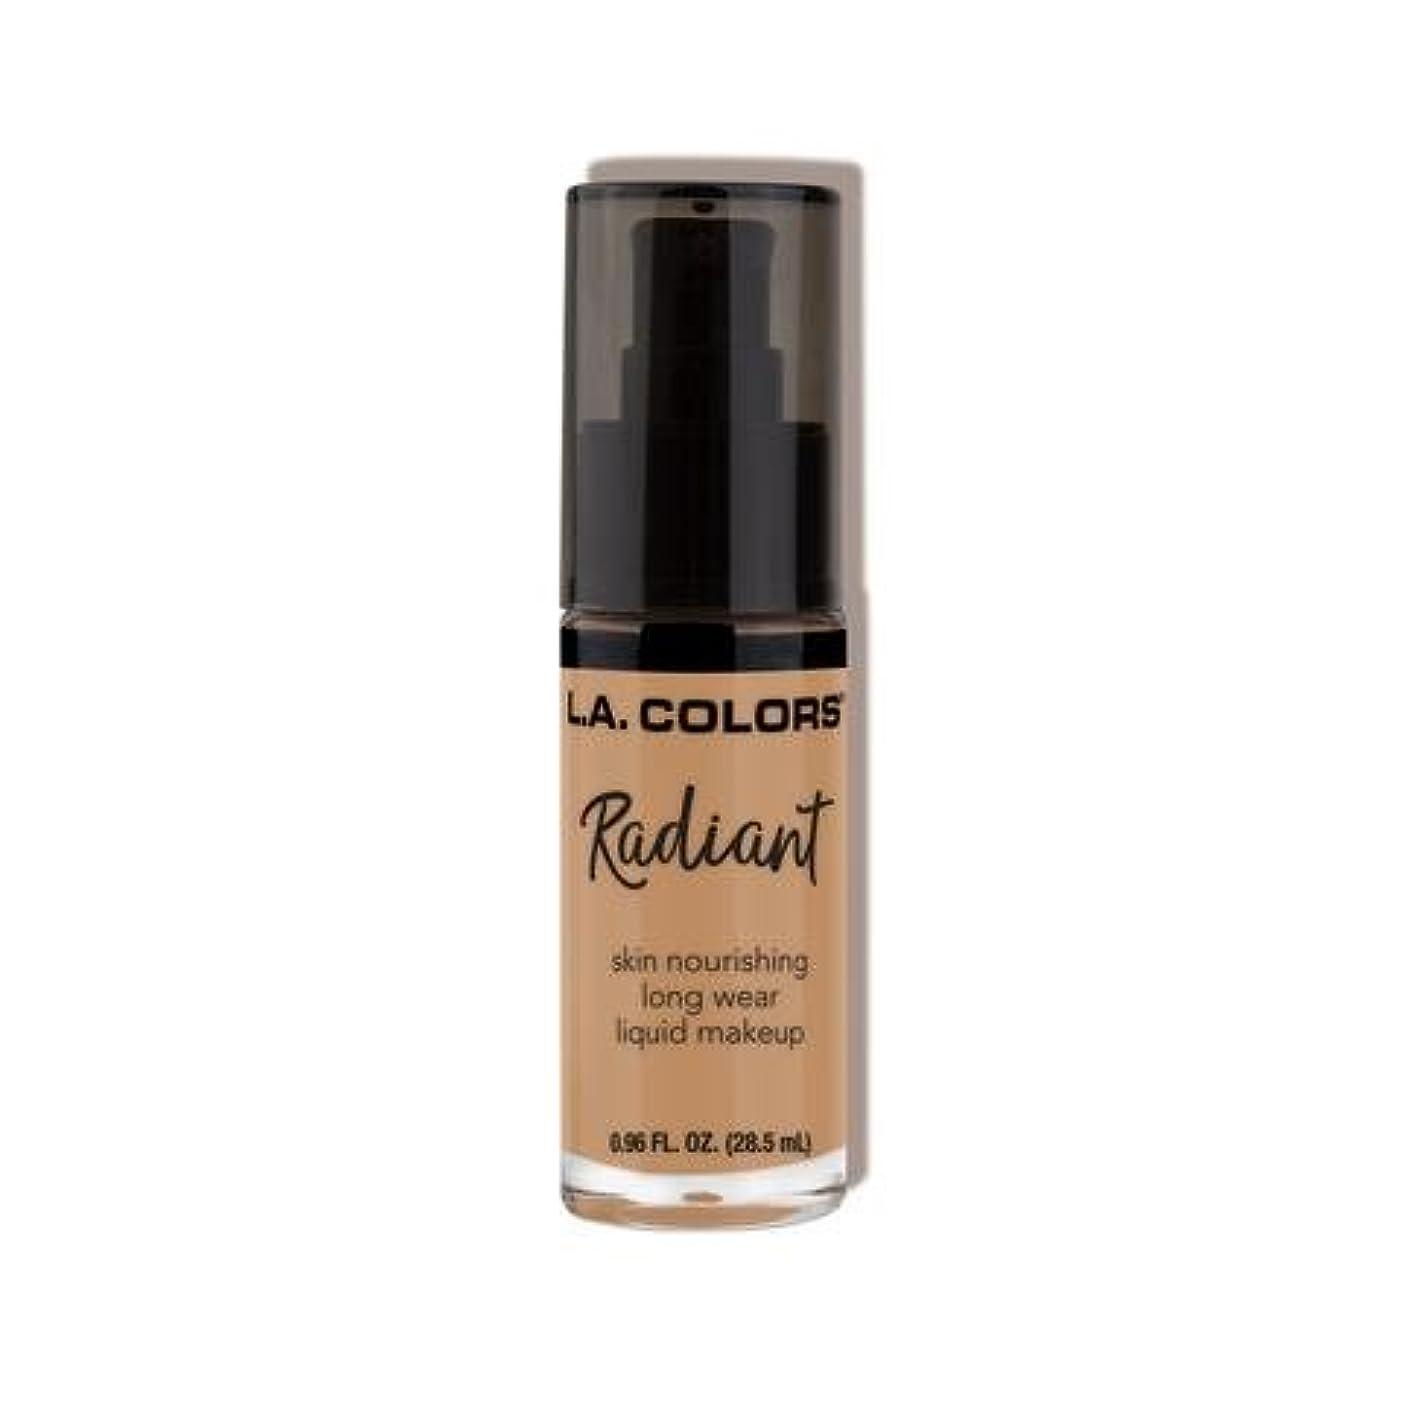 句驚き緩やかな(3 Pack) L.A. COLORS Radiant Liquid Makeup - Light Toffee (並行輸入品)